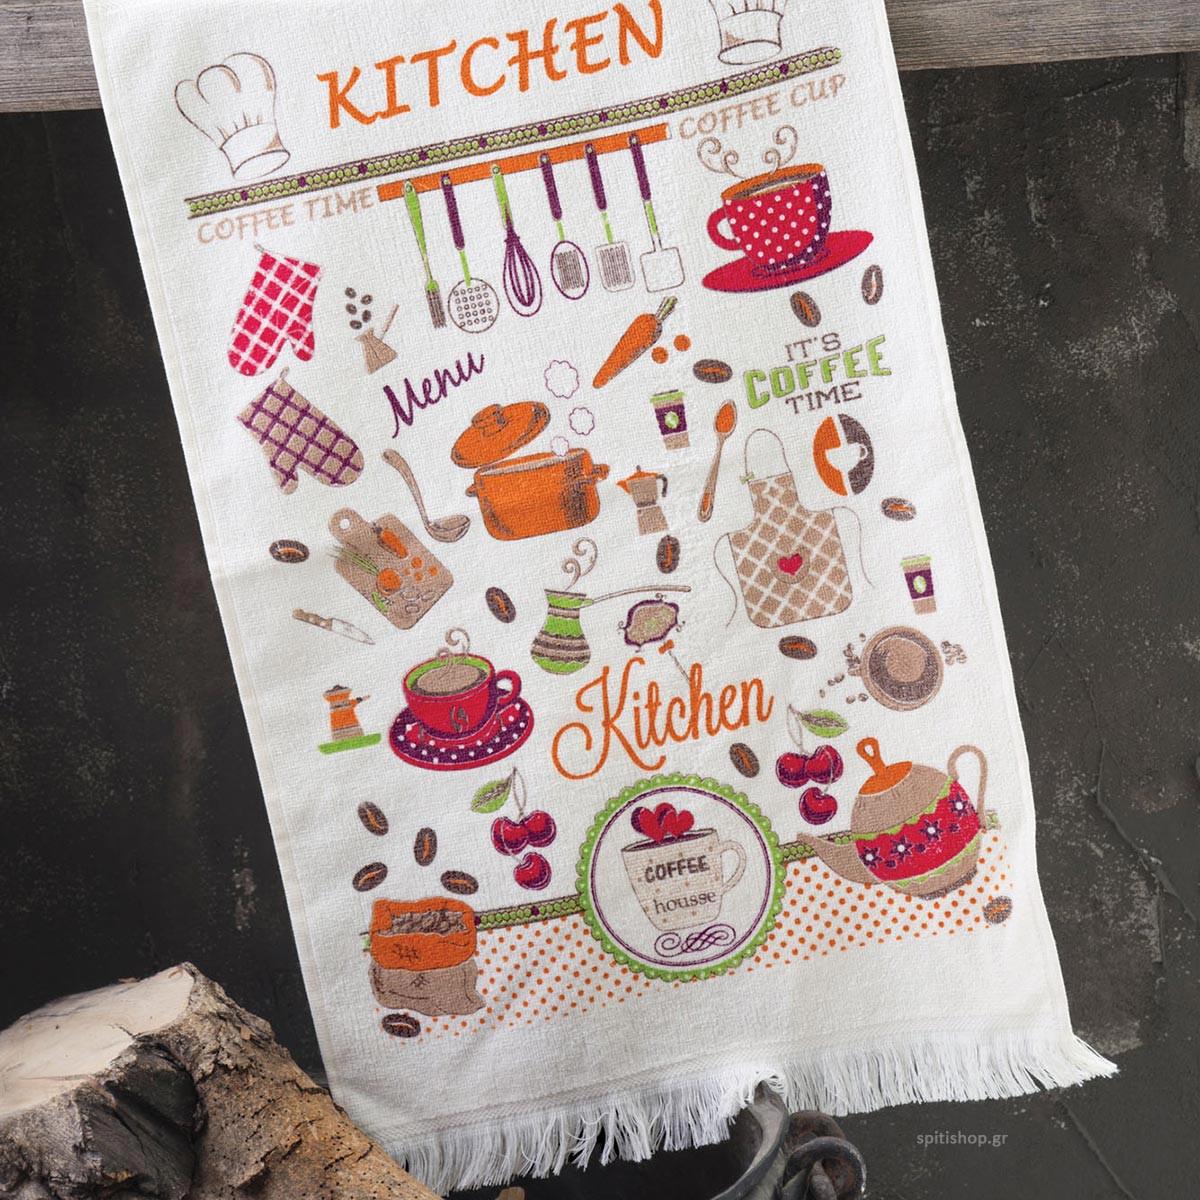 Πετσέτα Κουζίνας Rythmos Menu